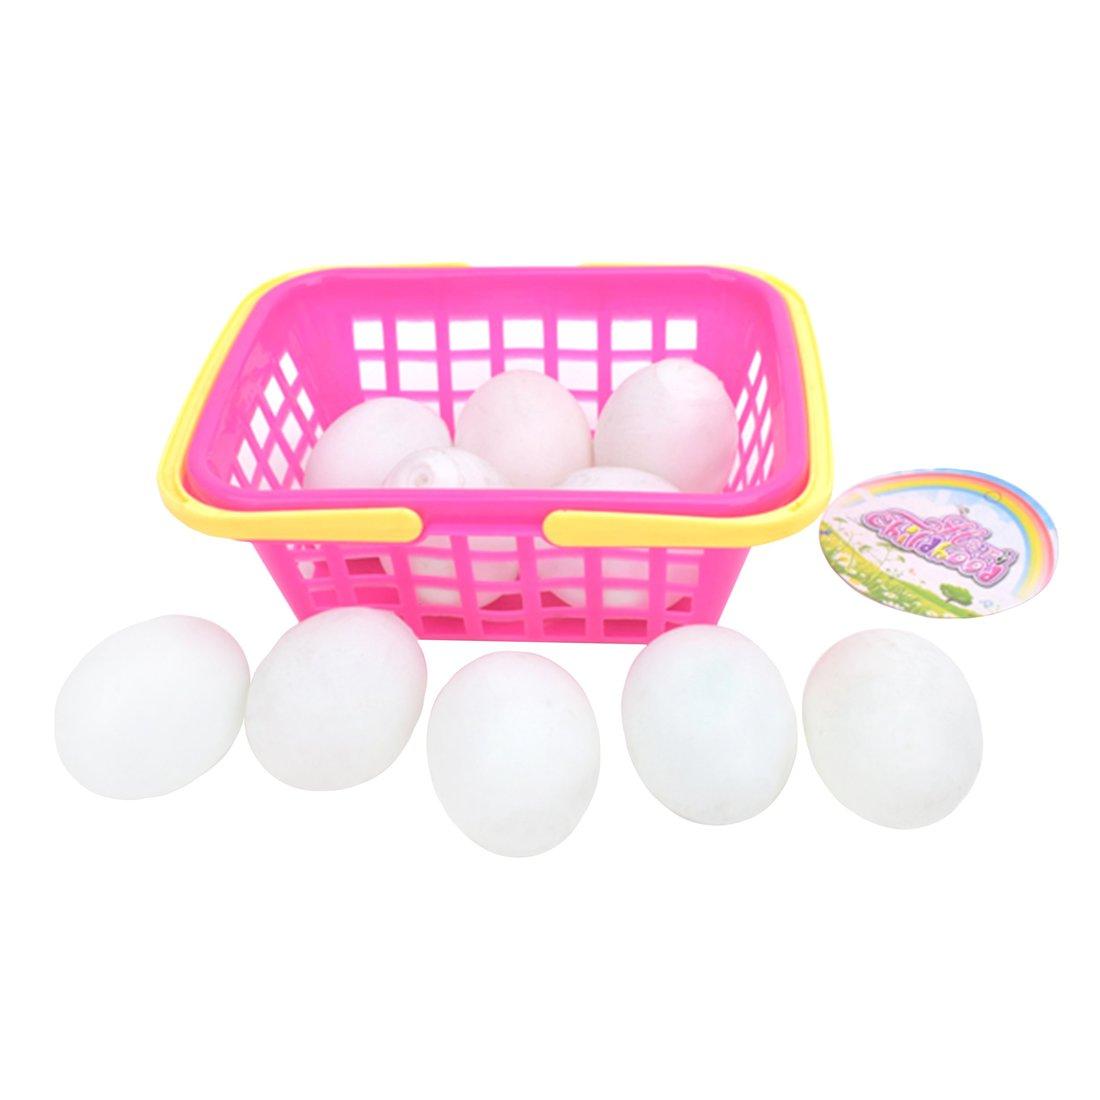 Набор Наша Игрушка яйца, 10 шт, в корзине 8989-50